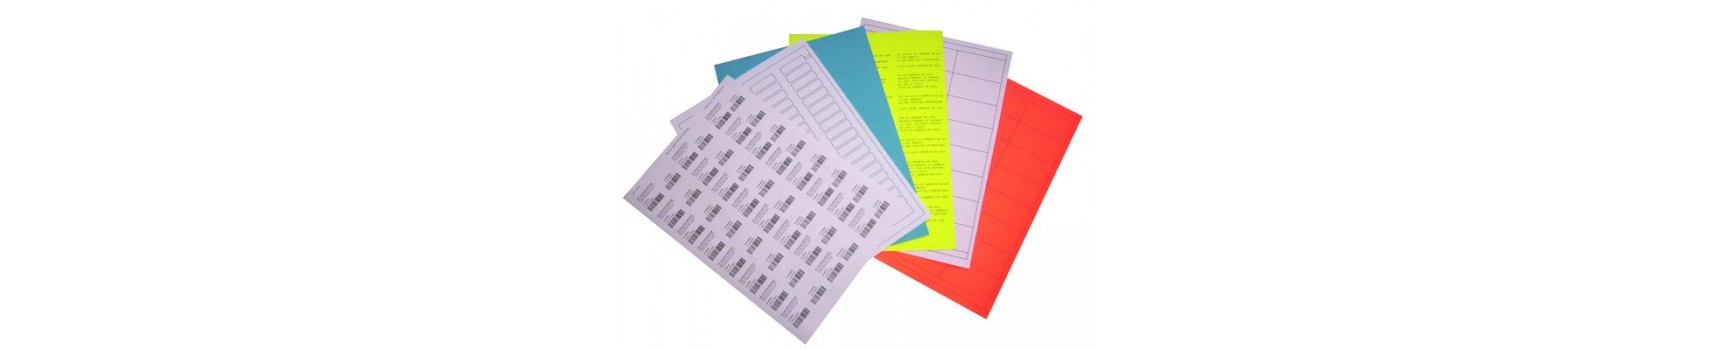 Étiquettes sur feuille 8 1/2 x 14